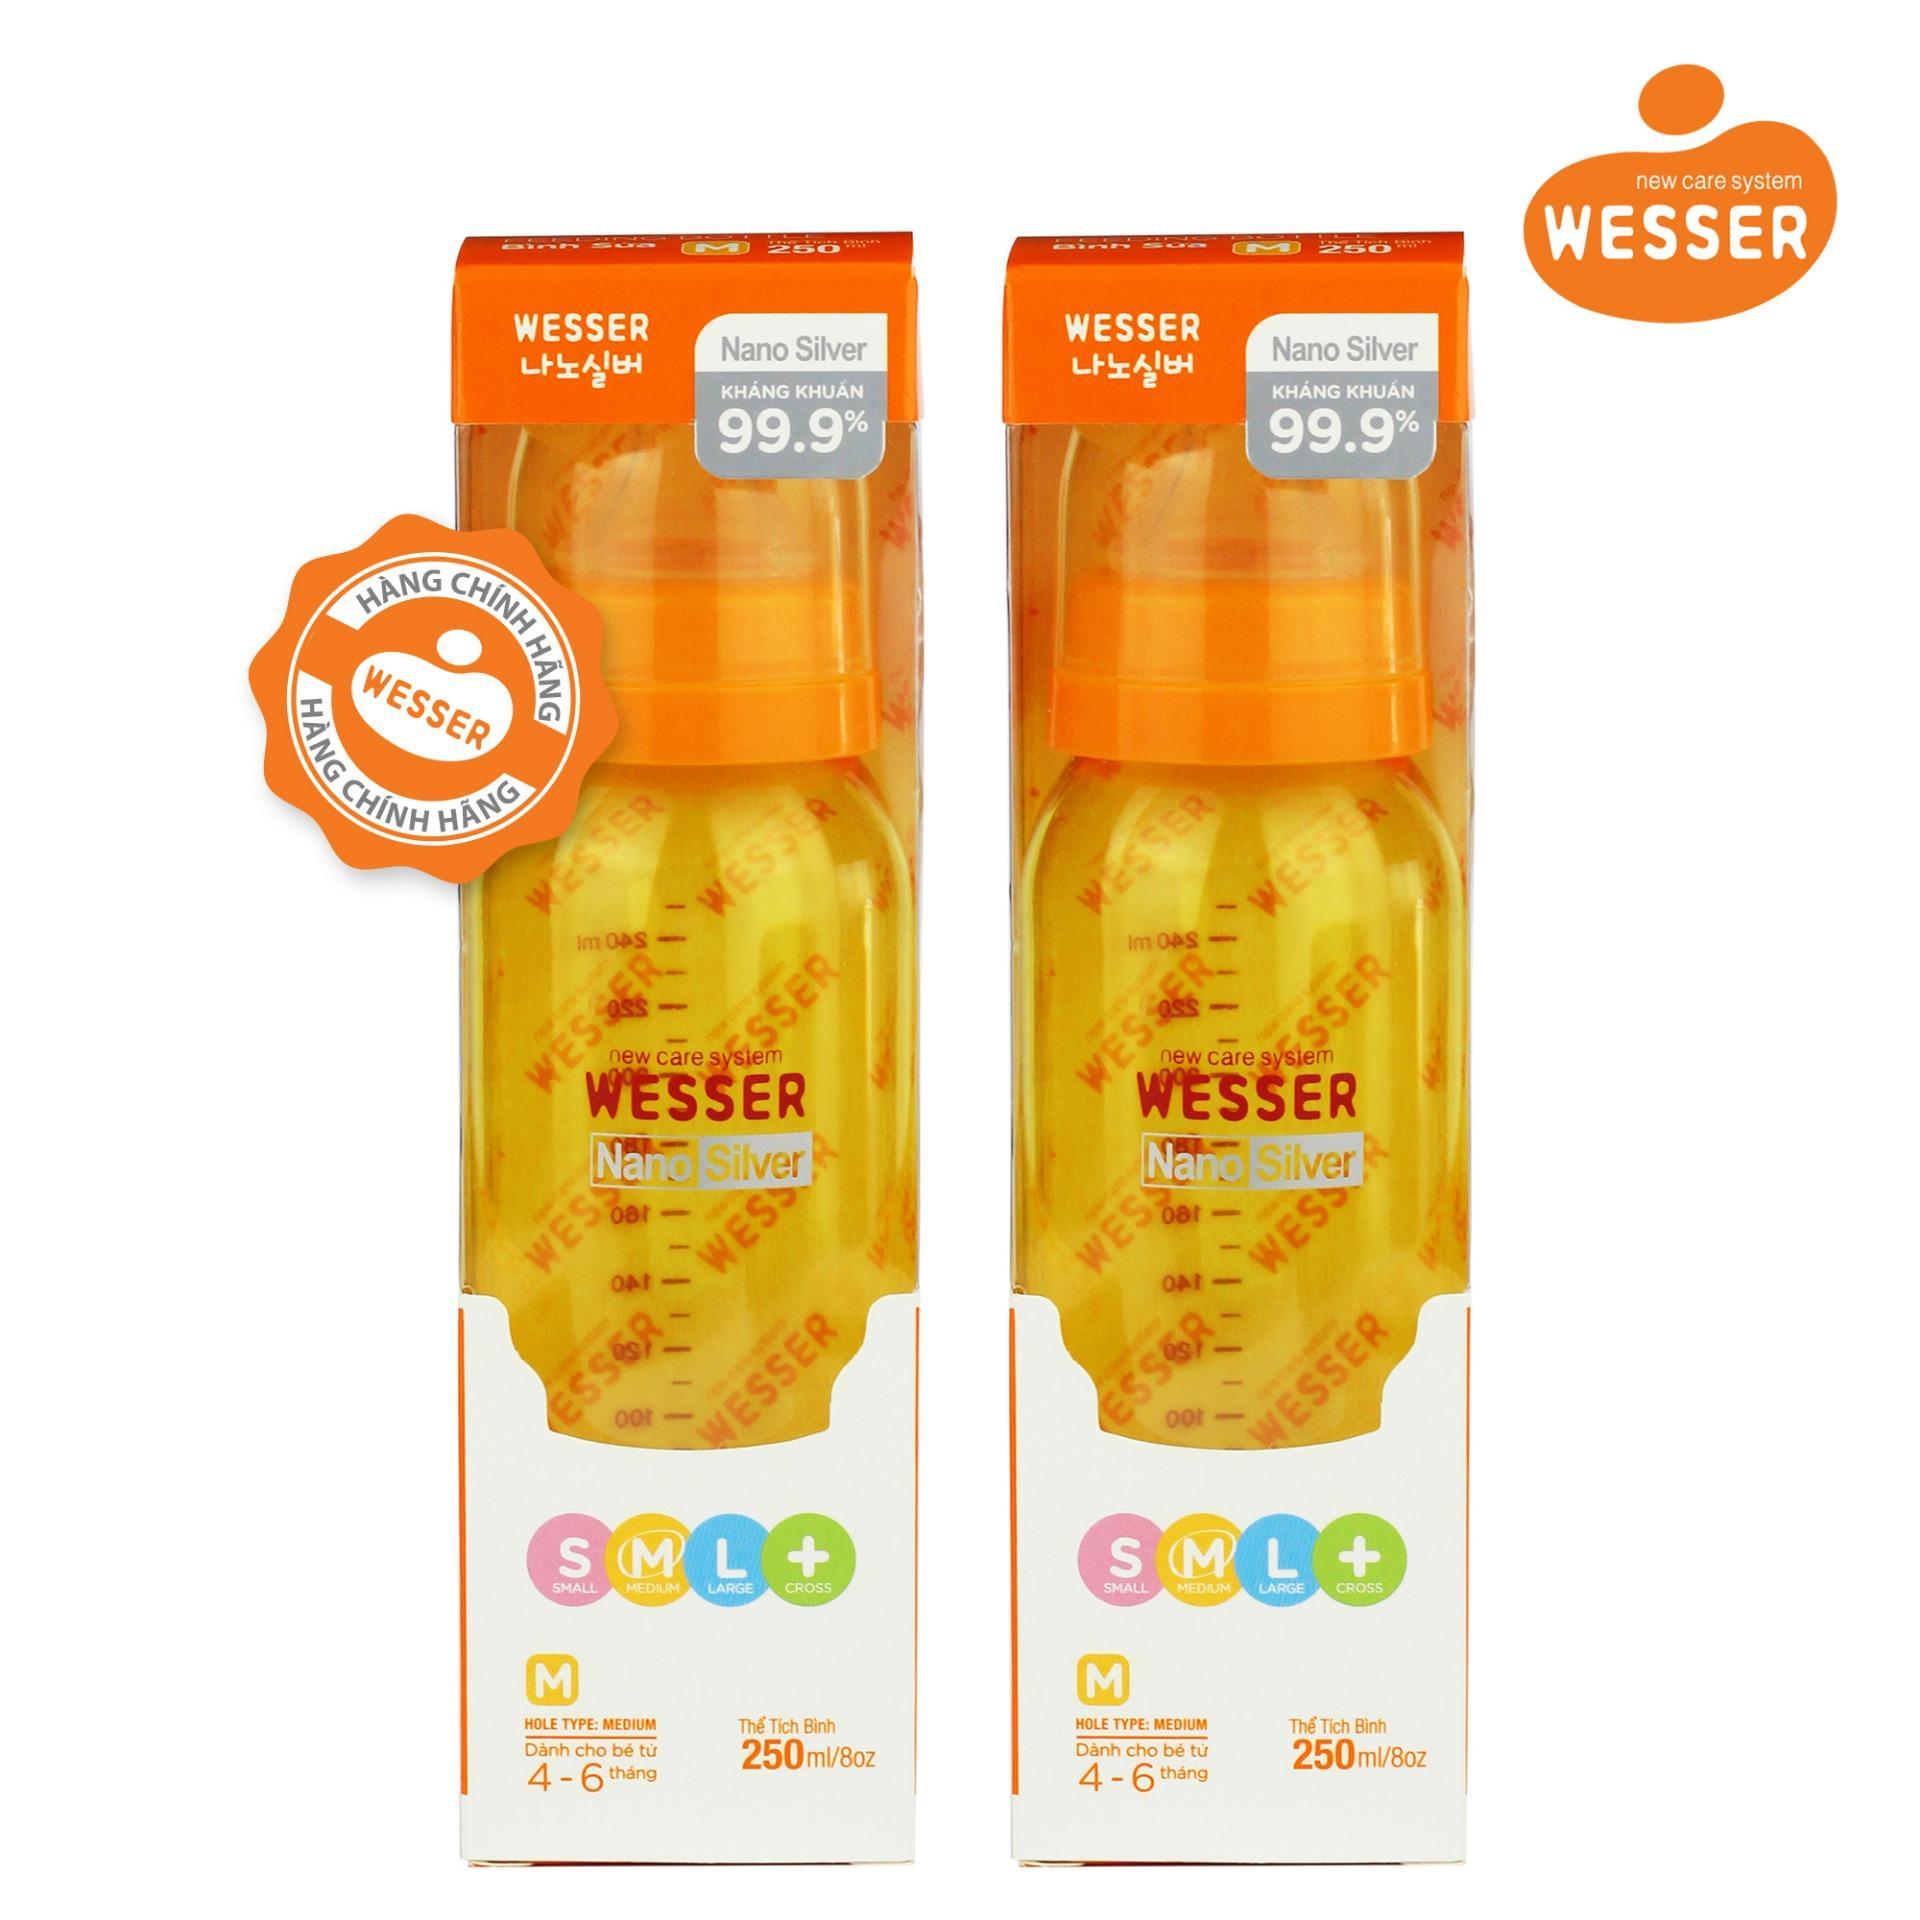 Giá Bán Bộ 2 Binh Sữa Wesser Nano Silver Cổ Hẹp 250Ml Mau Vang Nguyên